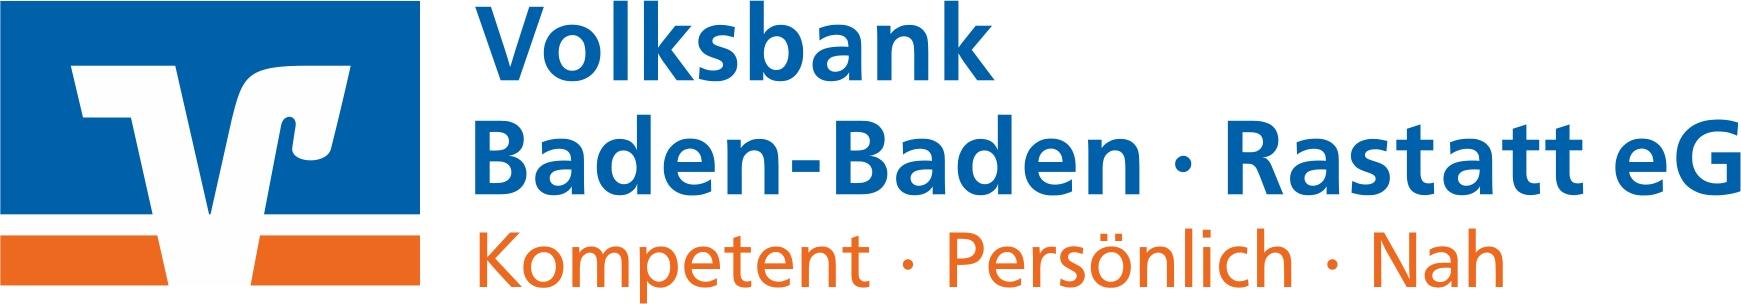 Volksbank Baden-Baden Rastatt